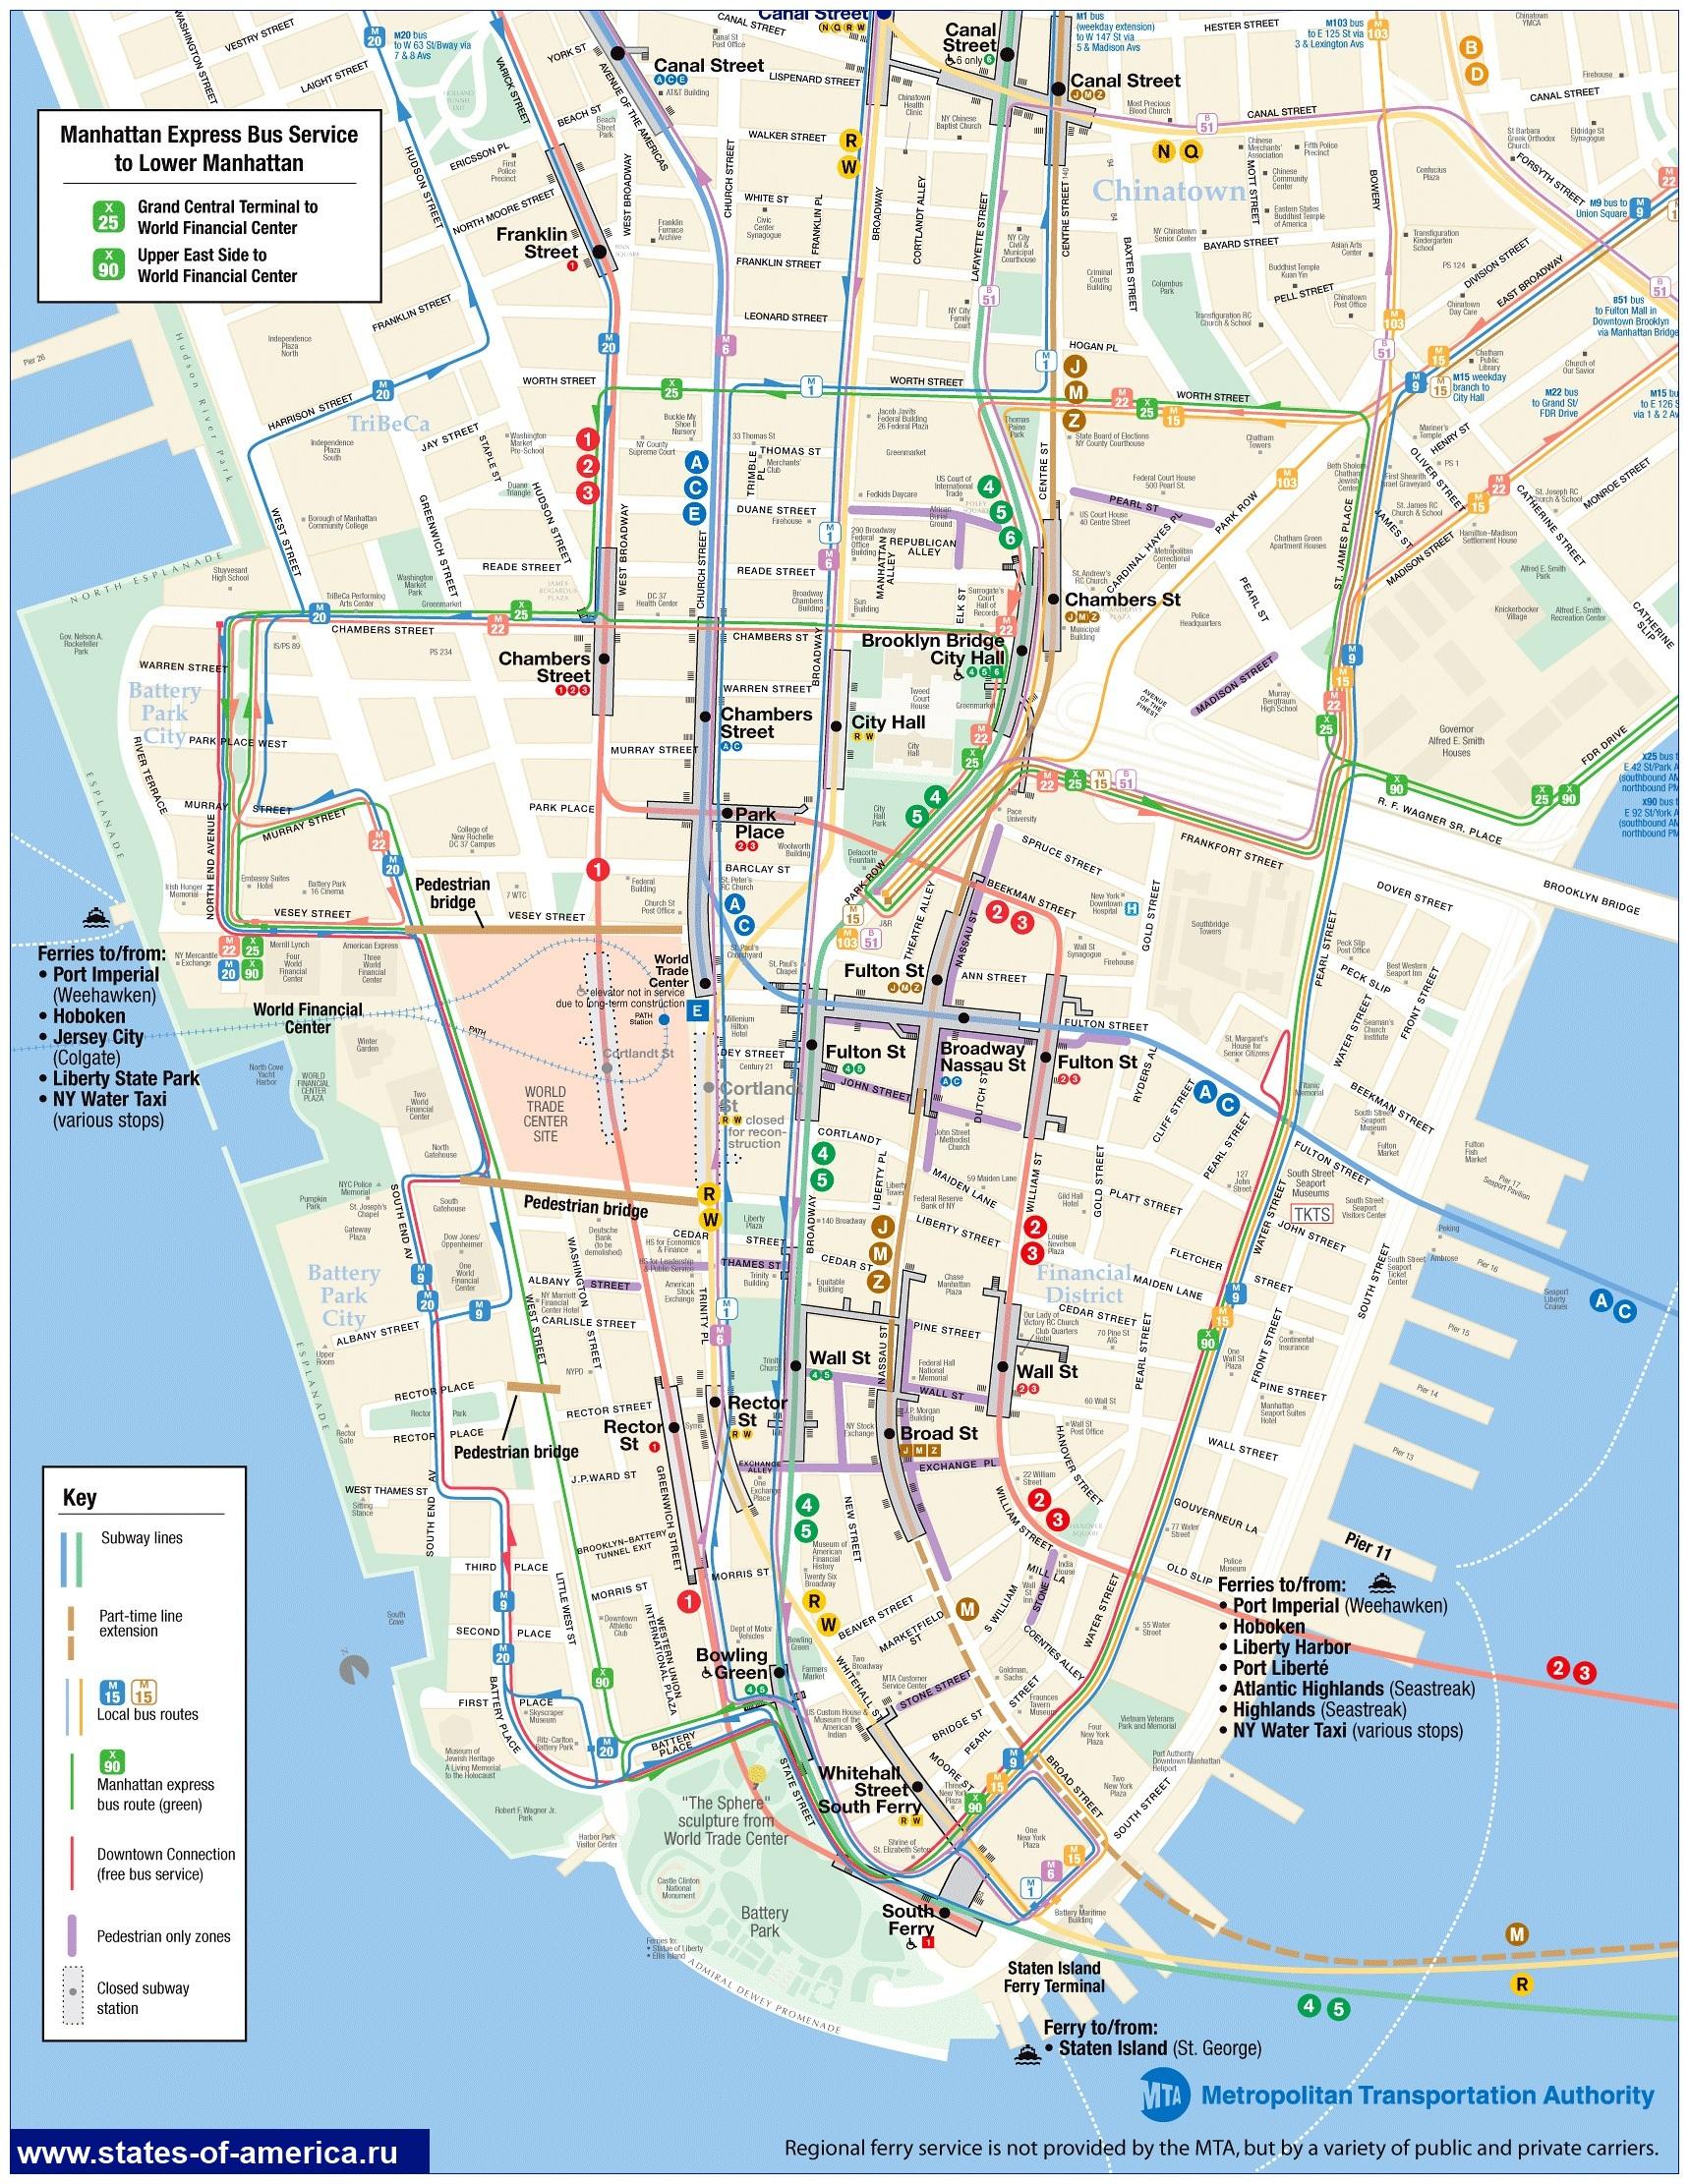 Схема Движения автобусов Манхэттена.